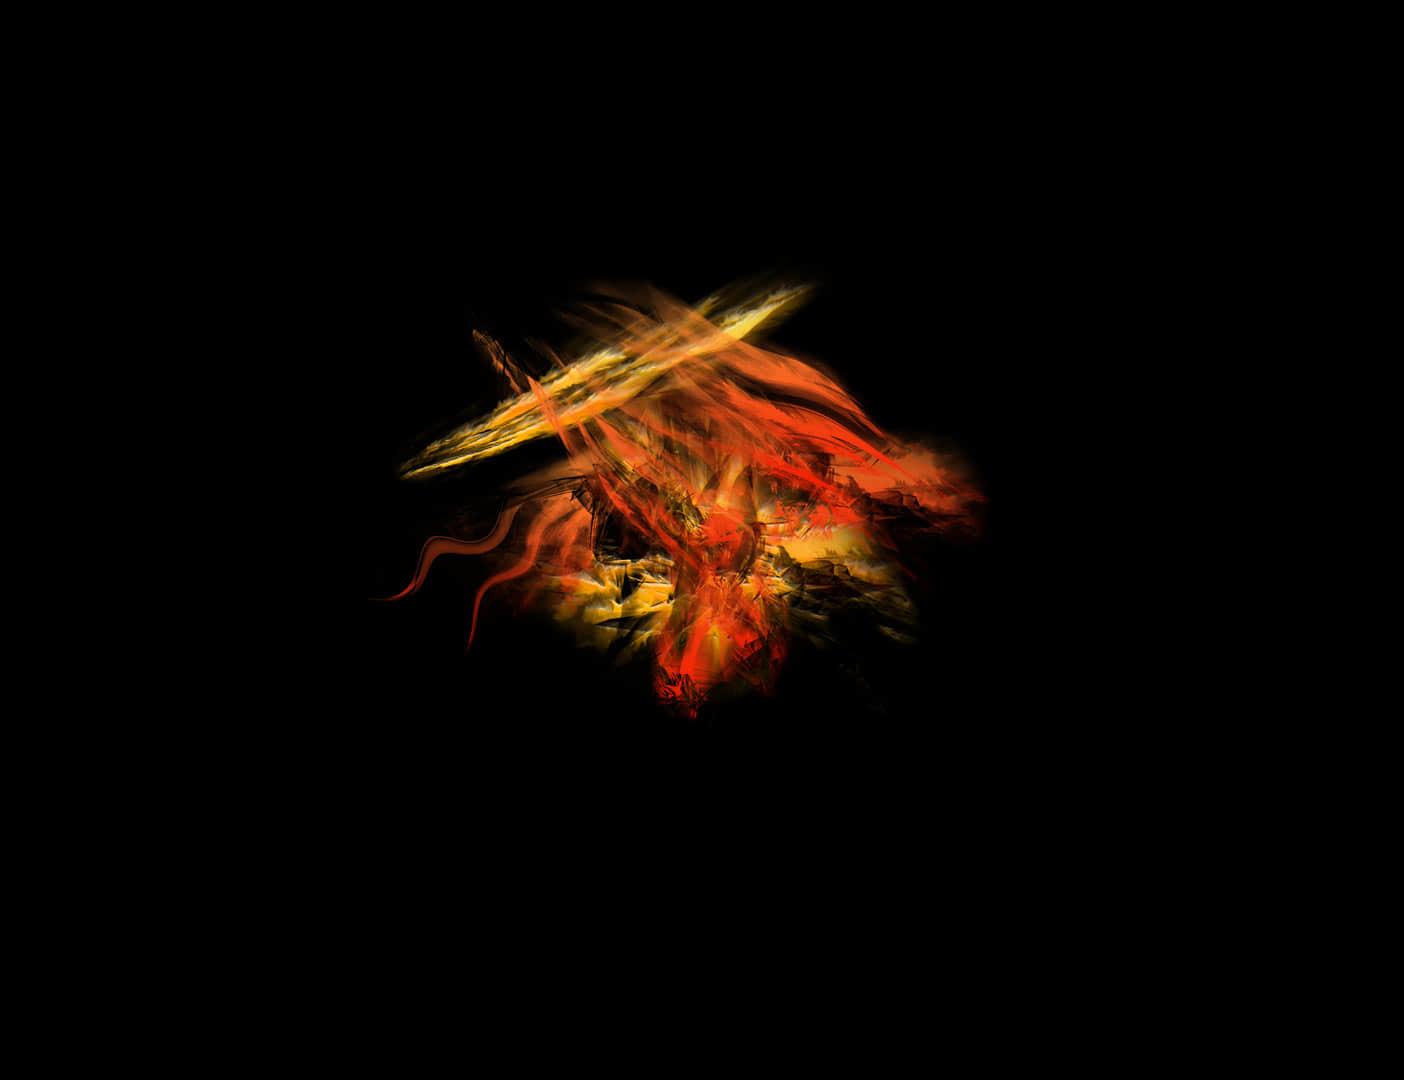 抽象火焰燃烧光影PS笔刷下载 抽象火焰笔刷 光影特效笔刷  flame brushes